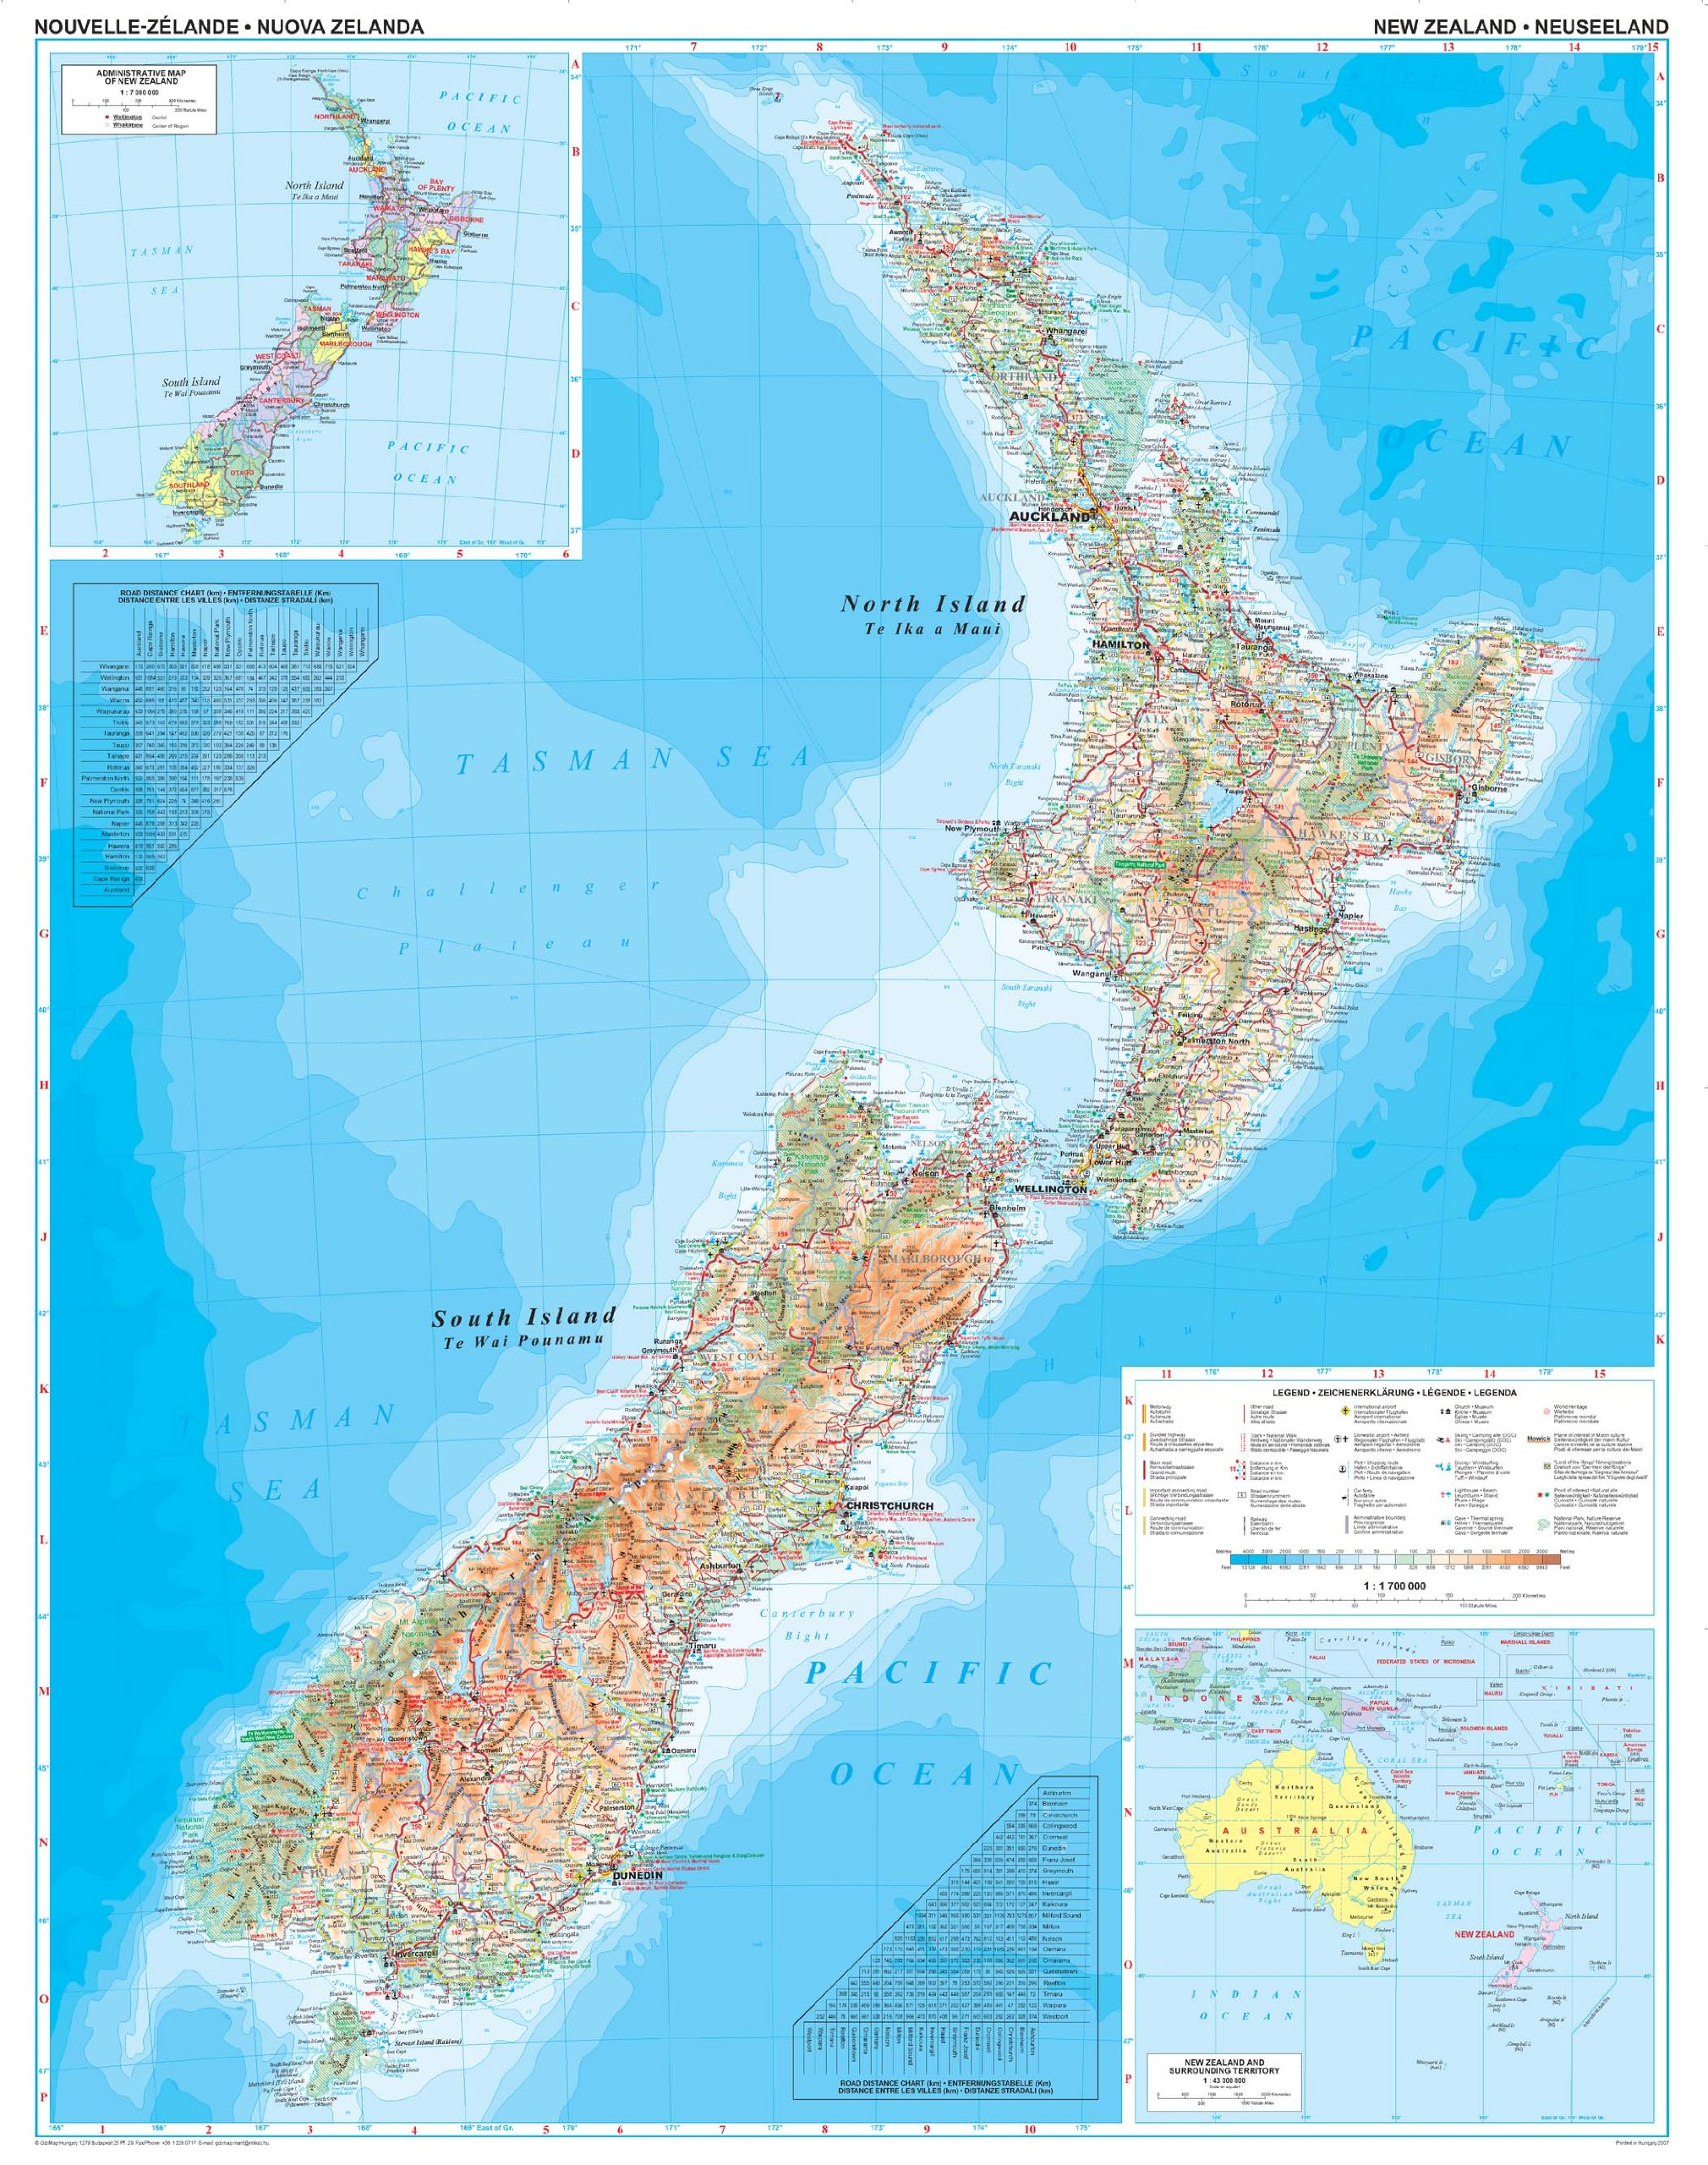 Cartina Geografica Della Nuova Zelanda.Amazon It Nuova Zelanda 1 1 700 000 Geografica Mappa Gizi